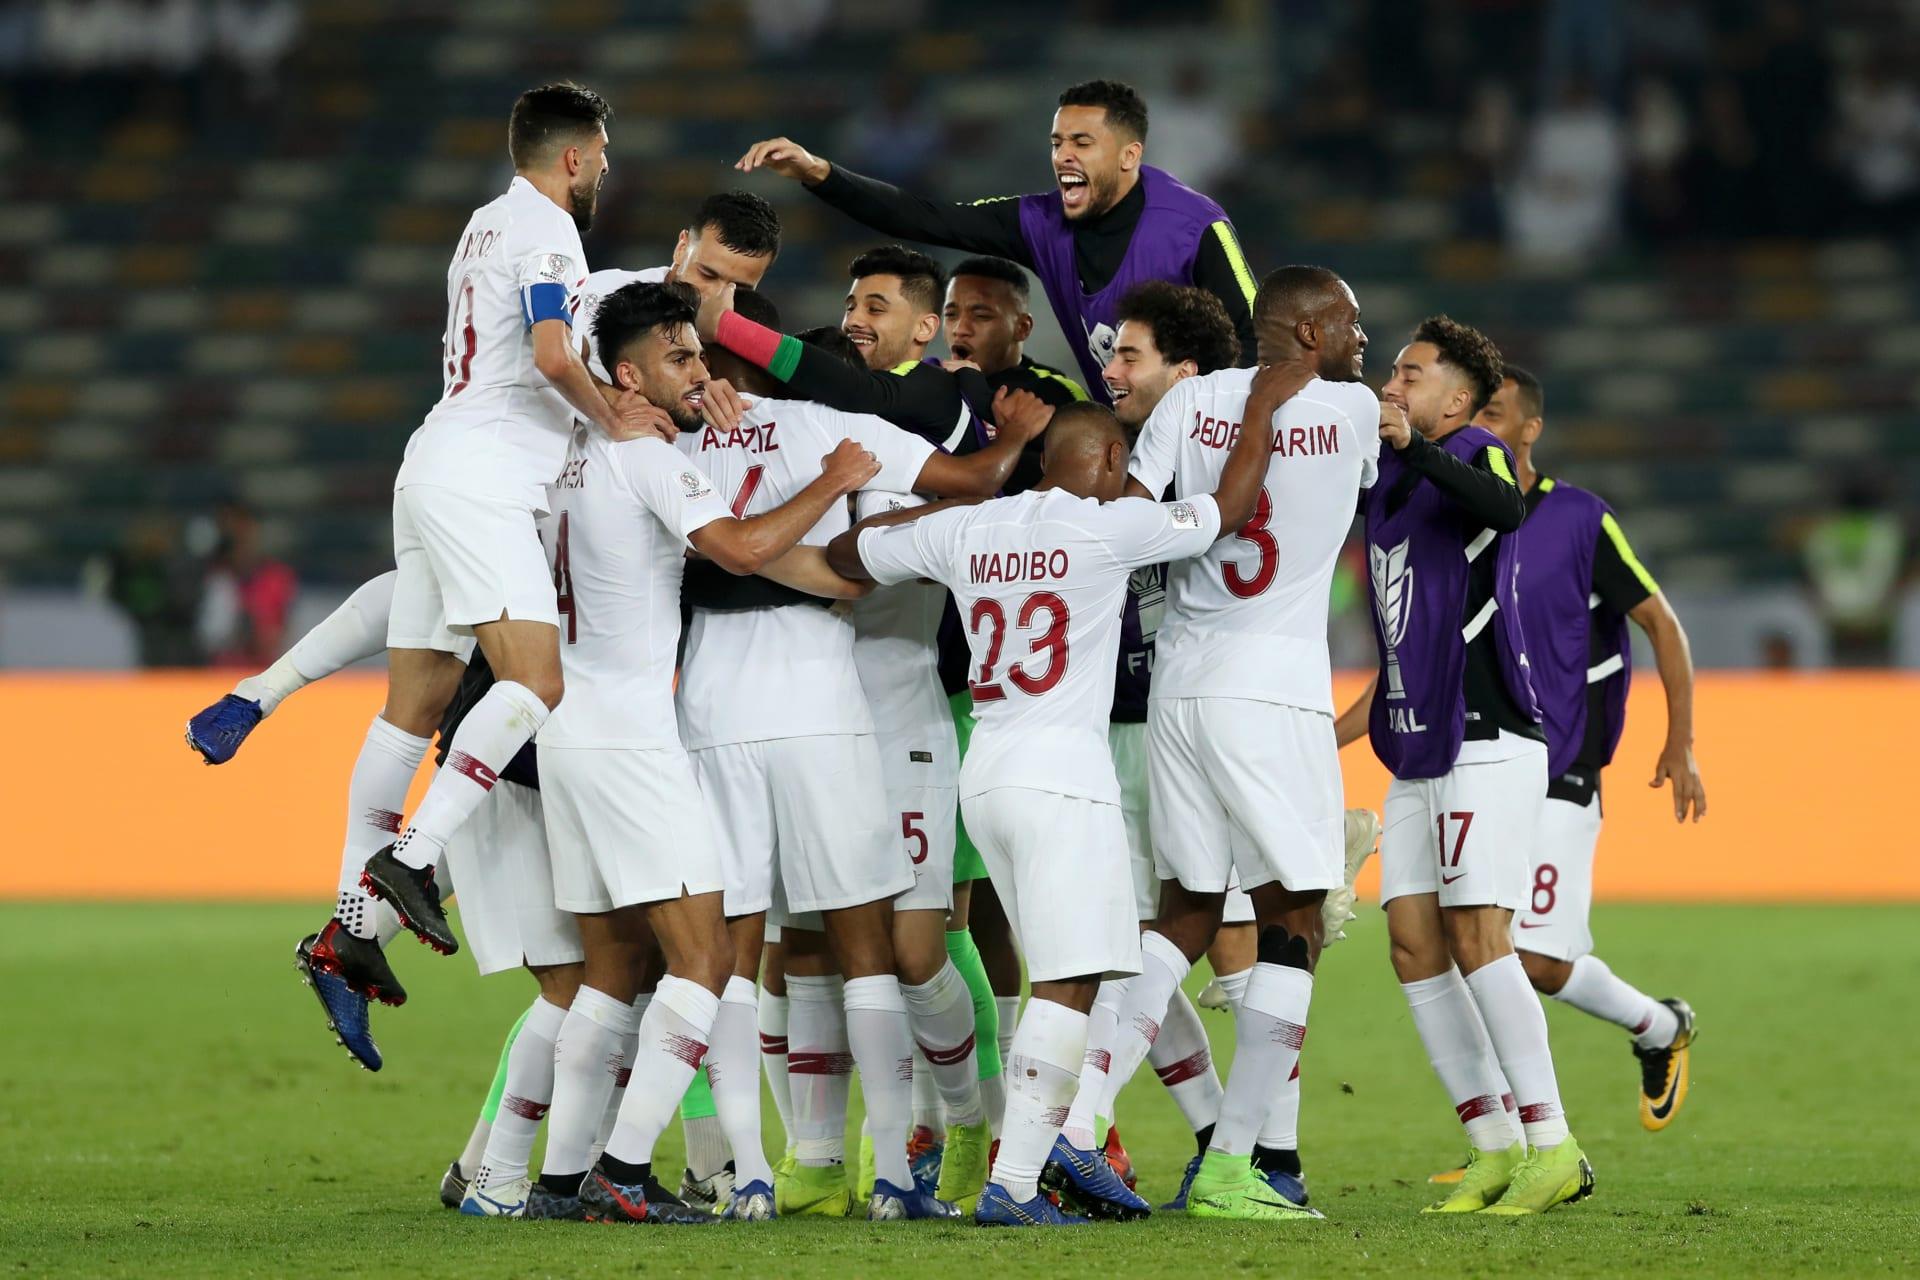 قطر بطلة آسيا للمرة الأولى في تاريخها.. على حساب اليابان